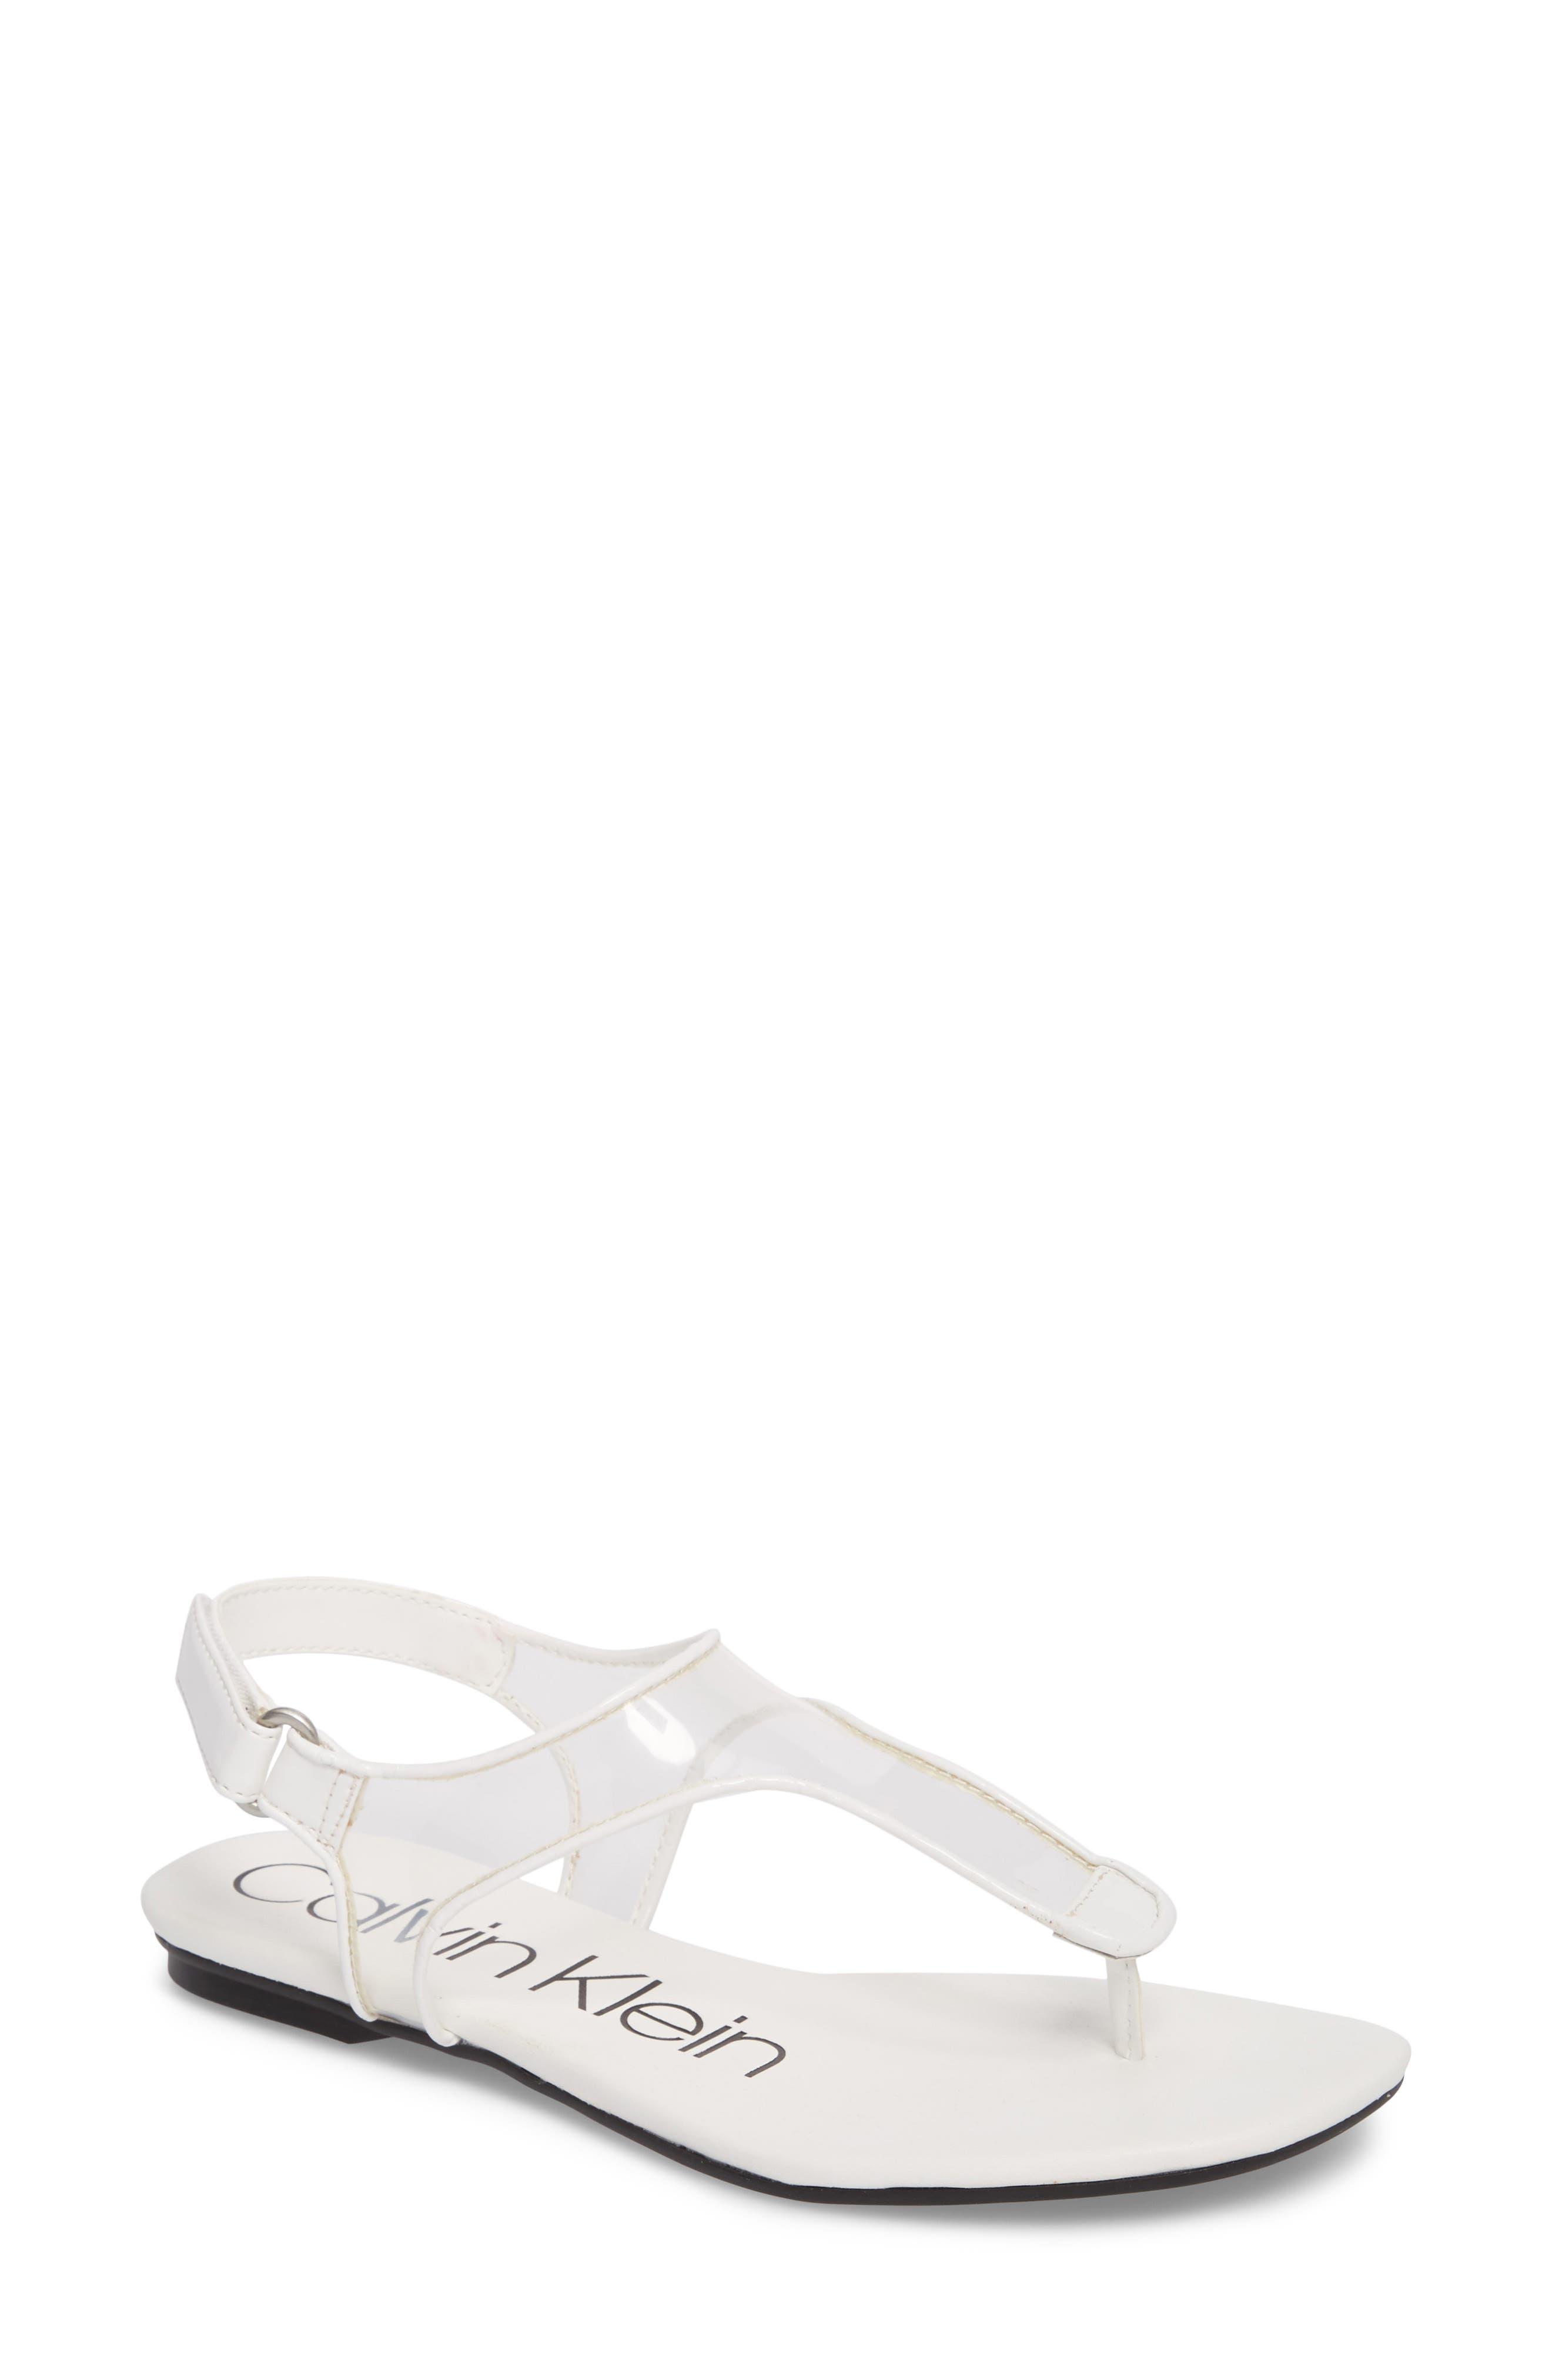 Shilo Clear Strap Sandal,                         Main,                         color, Platinum White Faux Leather